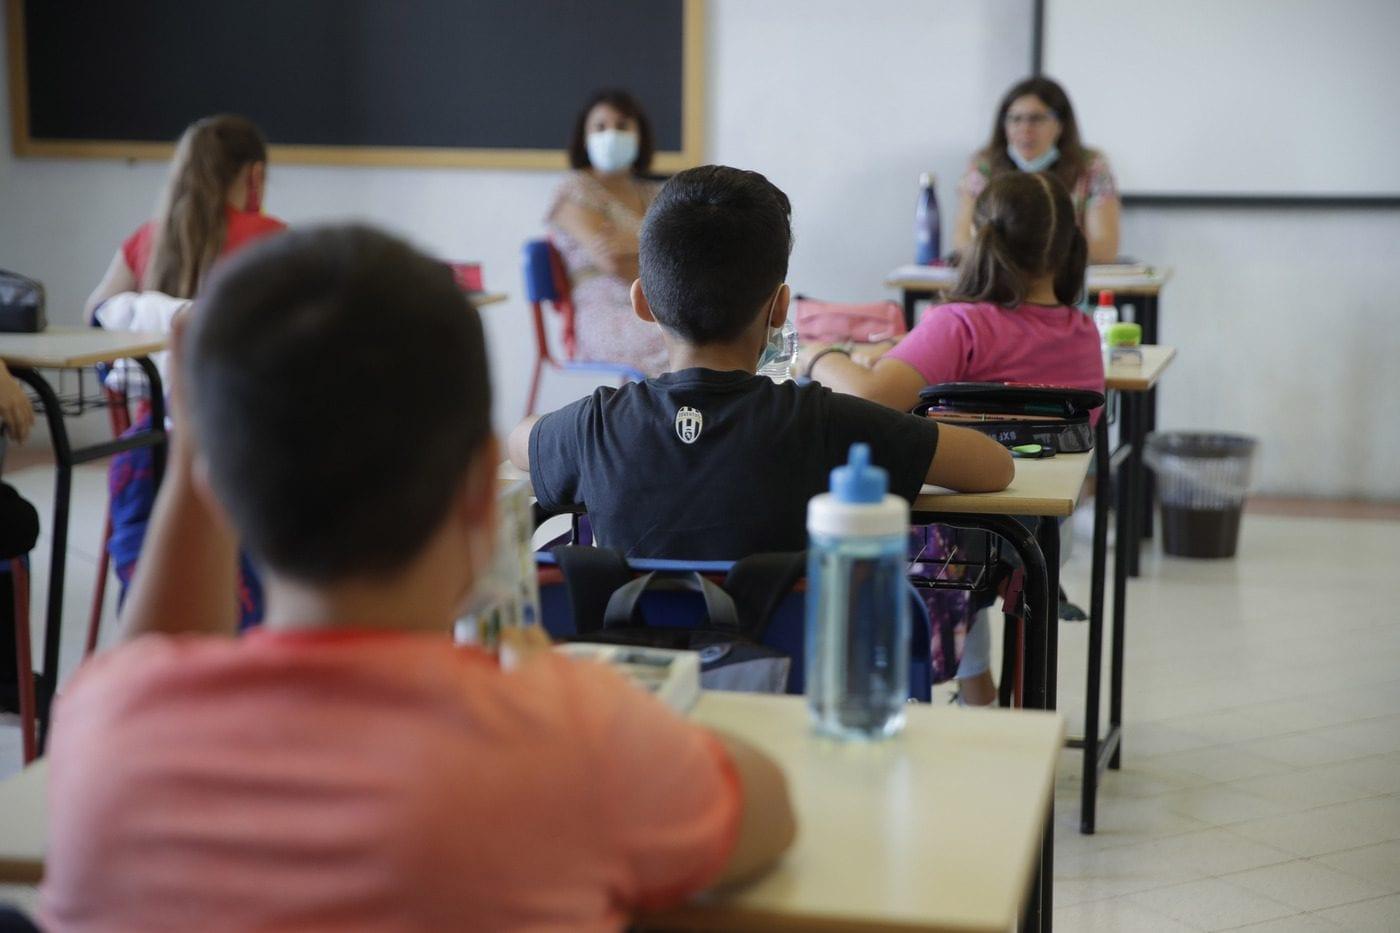 Dpcm e scuola, è ora di rendersi conto che gli studenti hanno bisogno di informazioni chiare